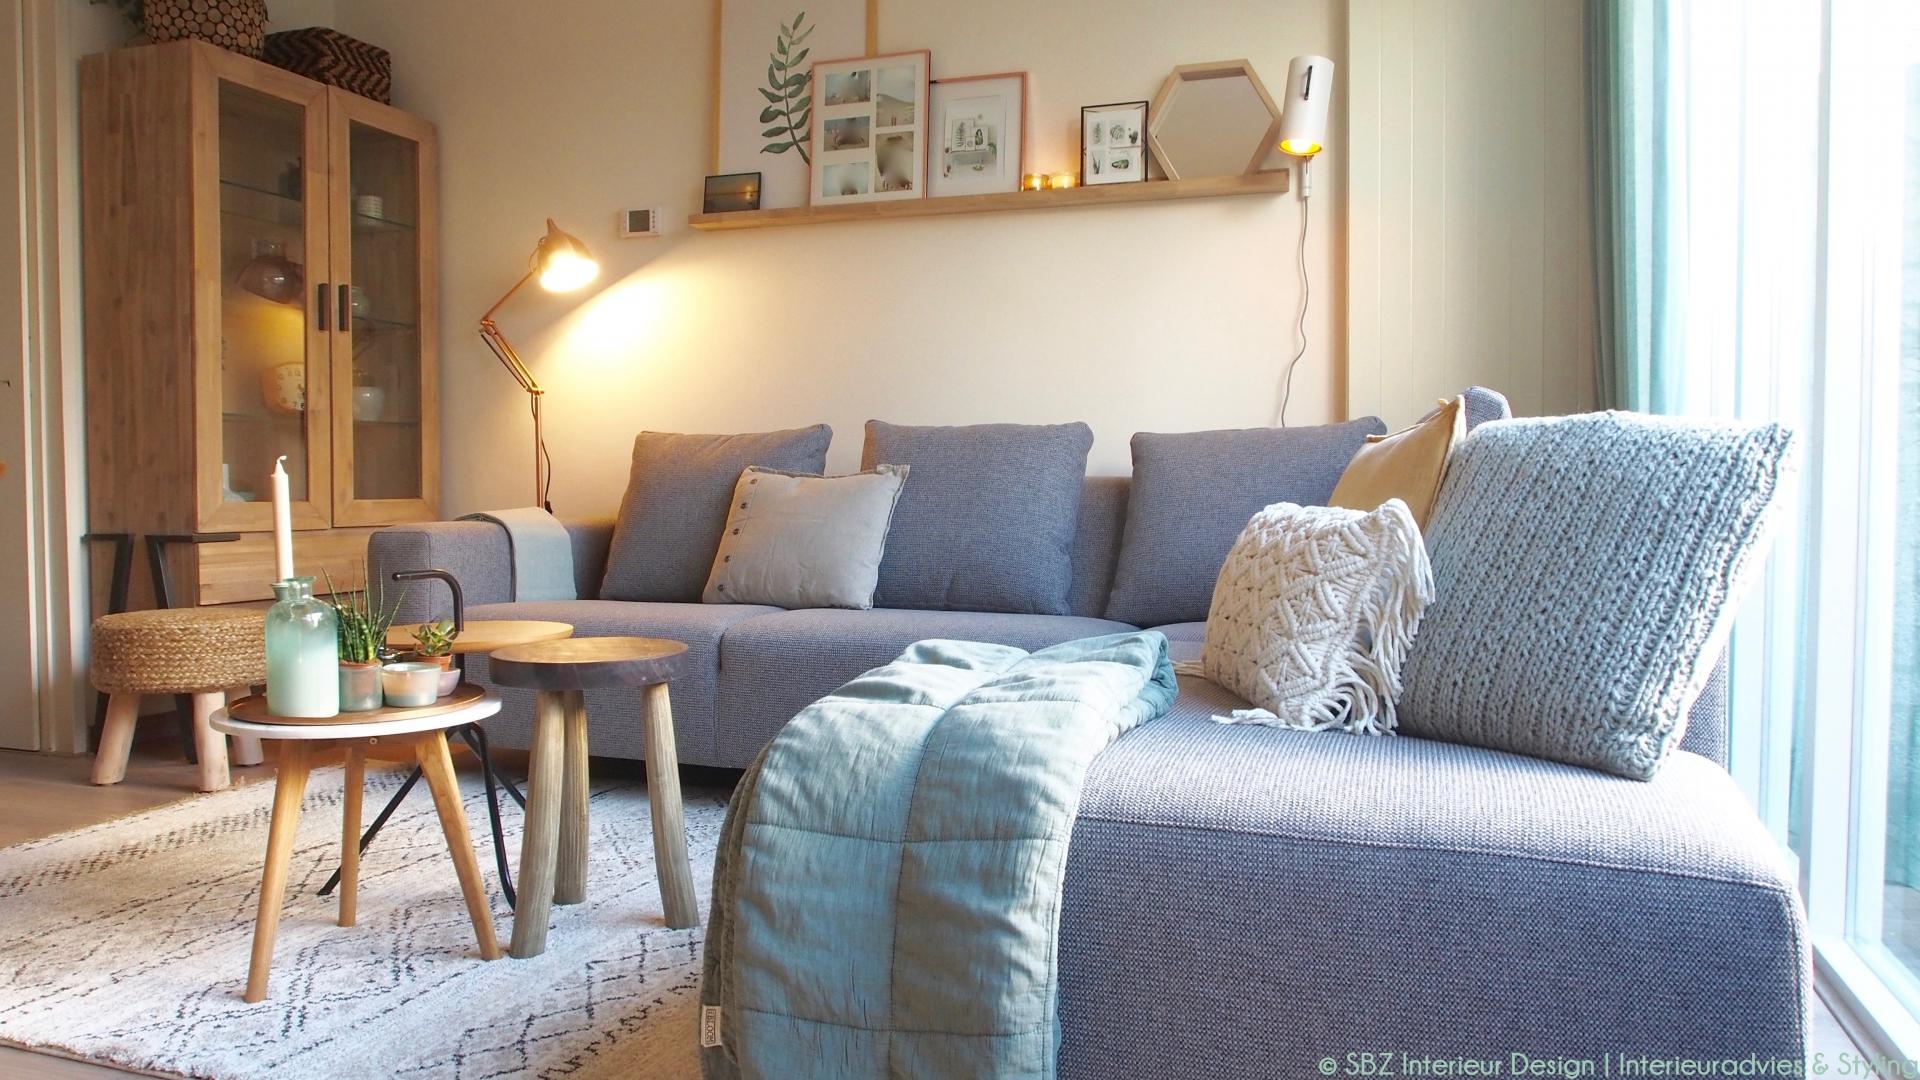 Interieur project Gouda - SBZ Interieur Design   sbzinterieurdesign.nl